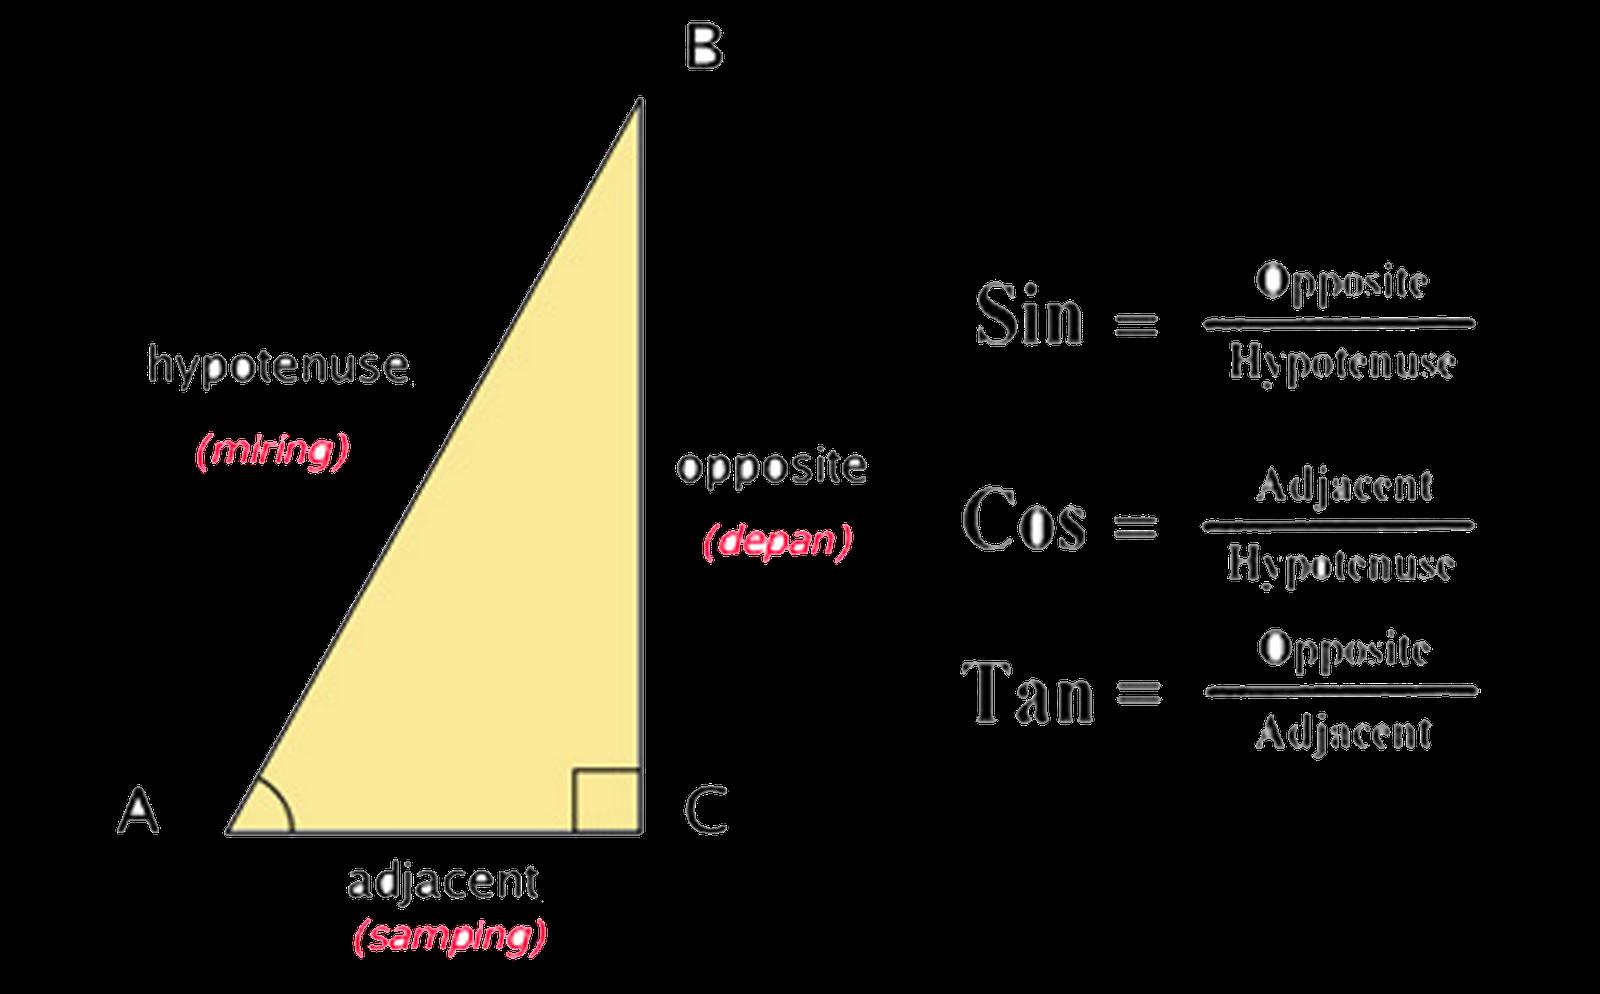 Habash al-Hasib al-Marwazi - Penggagas Pertama Kali Rasio Trigonometri: Sinus (SIN), Cosinus (COS), Tangen (TAN) dan Cotangen (COT).